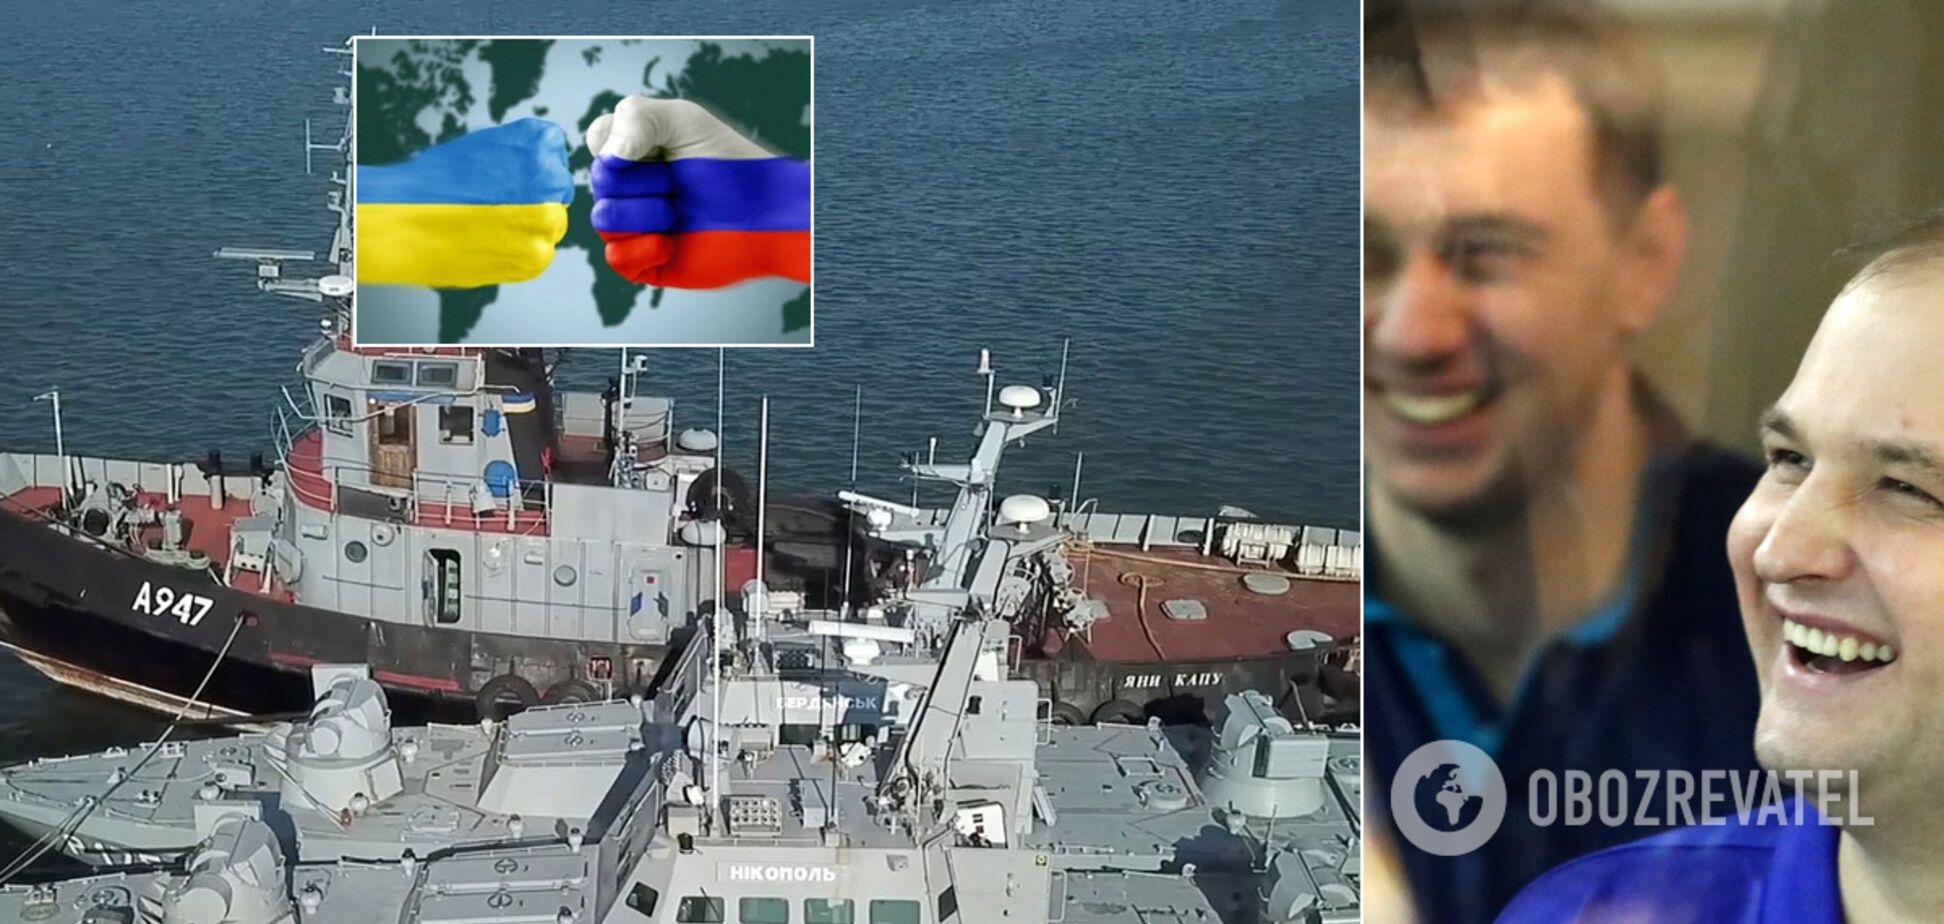 Украина подала громкий иск против России в Гаагу, но есть подводные камни. Какие шансы победить Москву